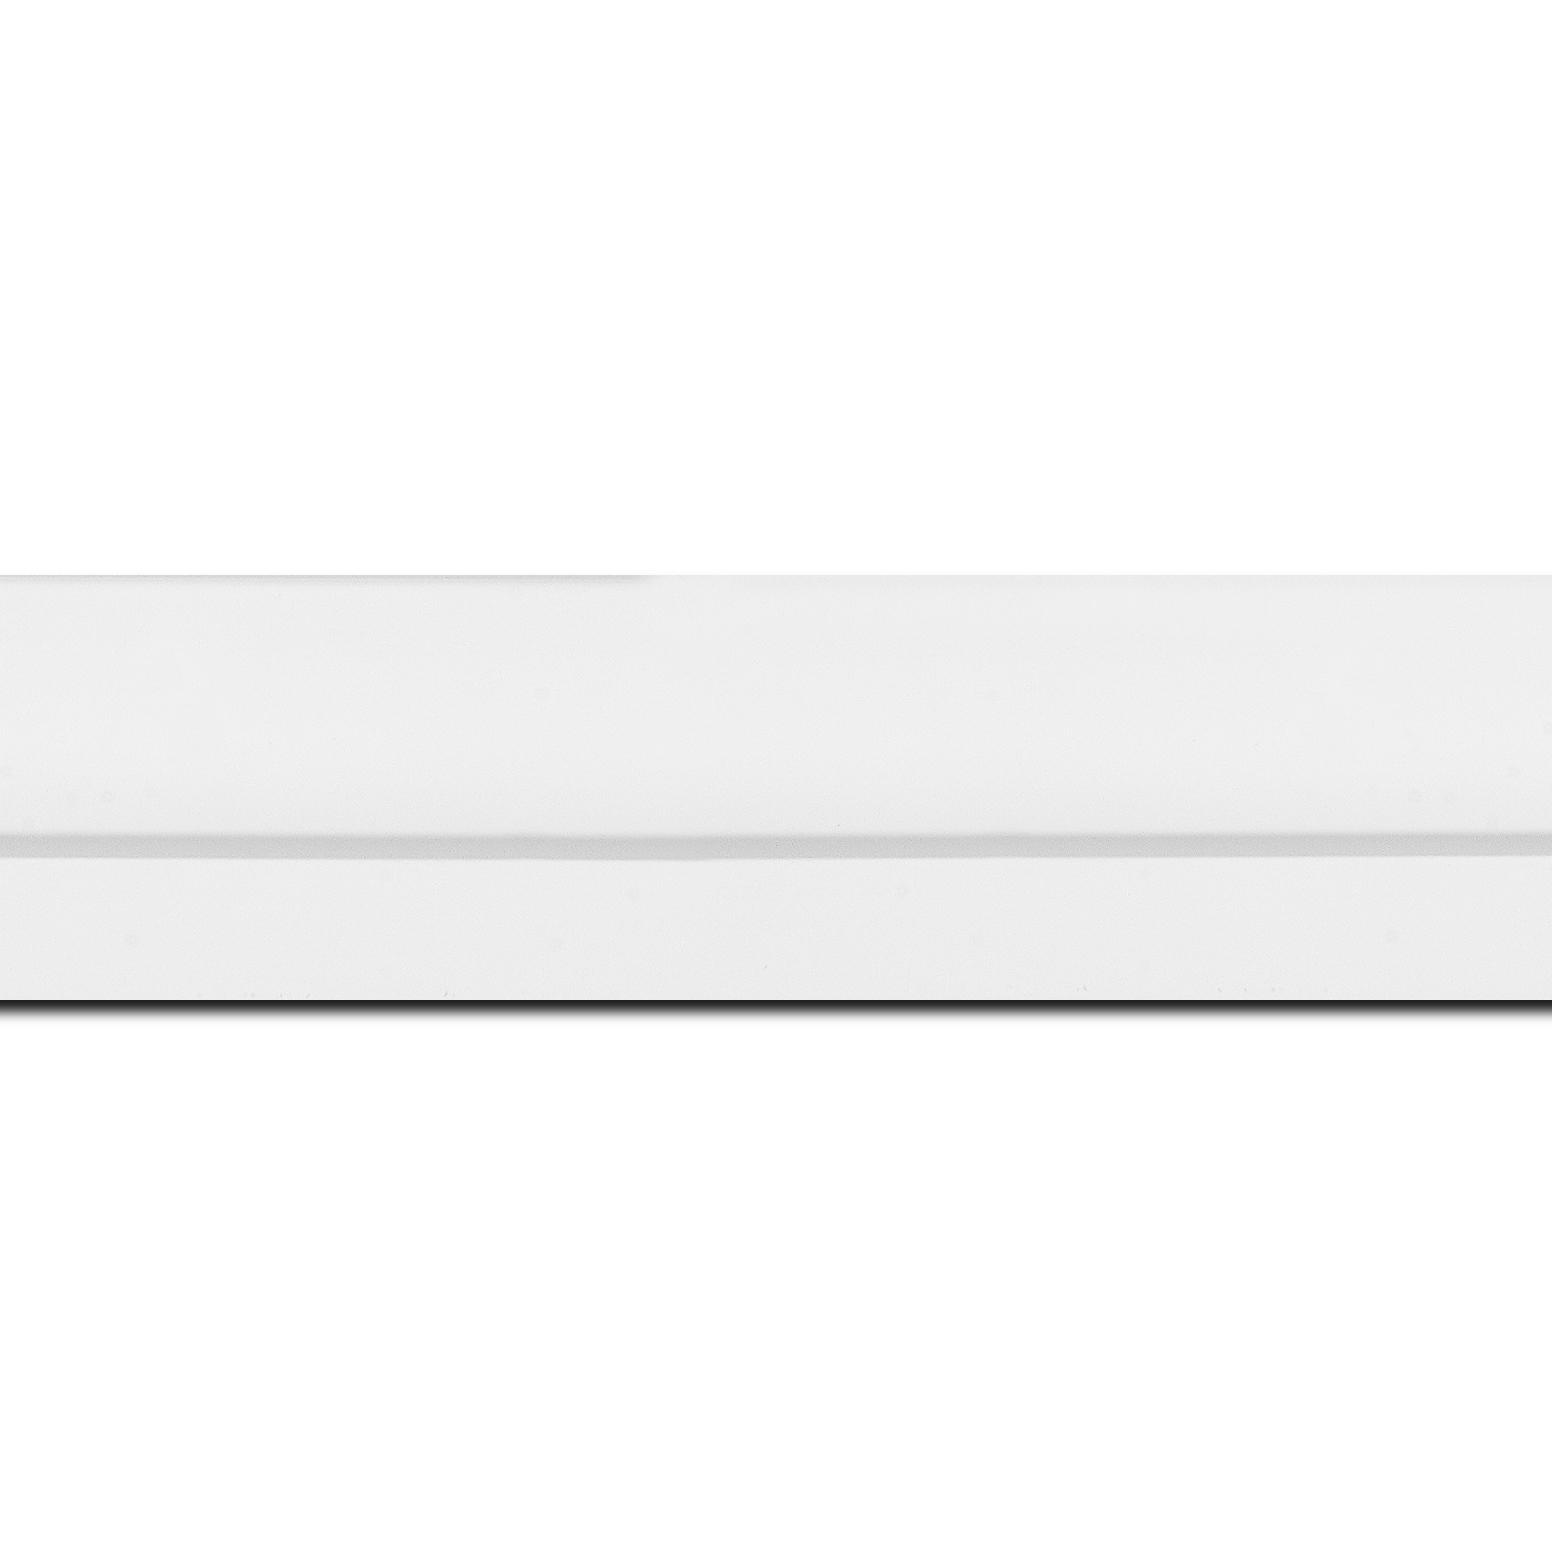 Baguette longueur 1.40m bois profil plat largeur 4.5cm couleur blanc mat nez blanc finition pore bouché